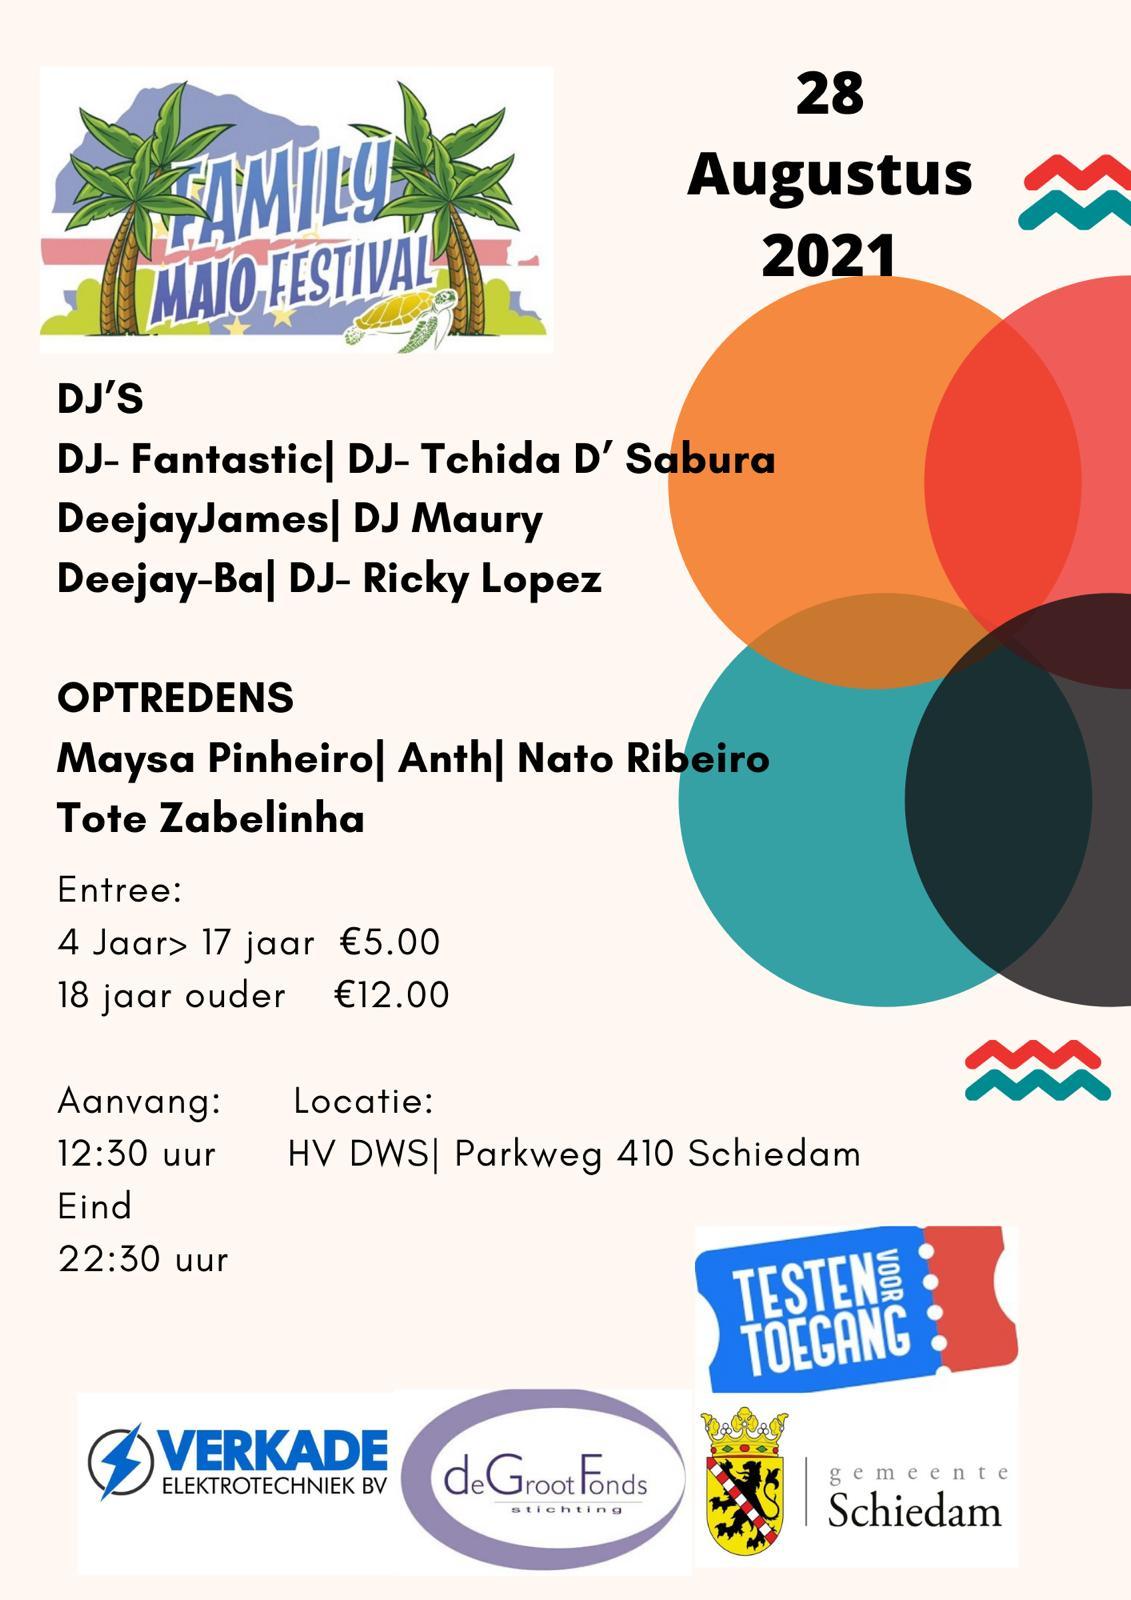 Family Maio Festival